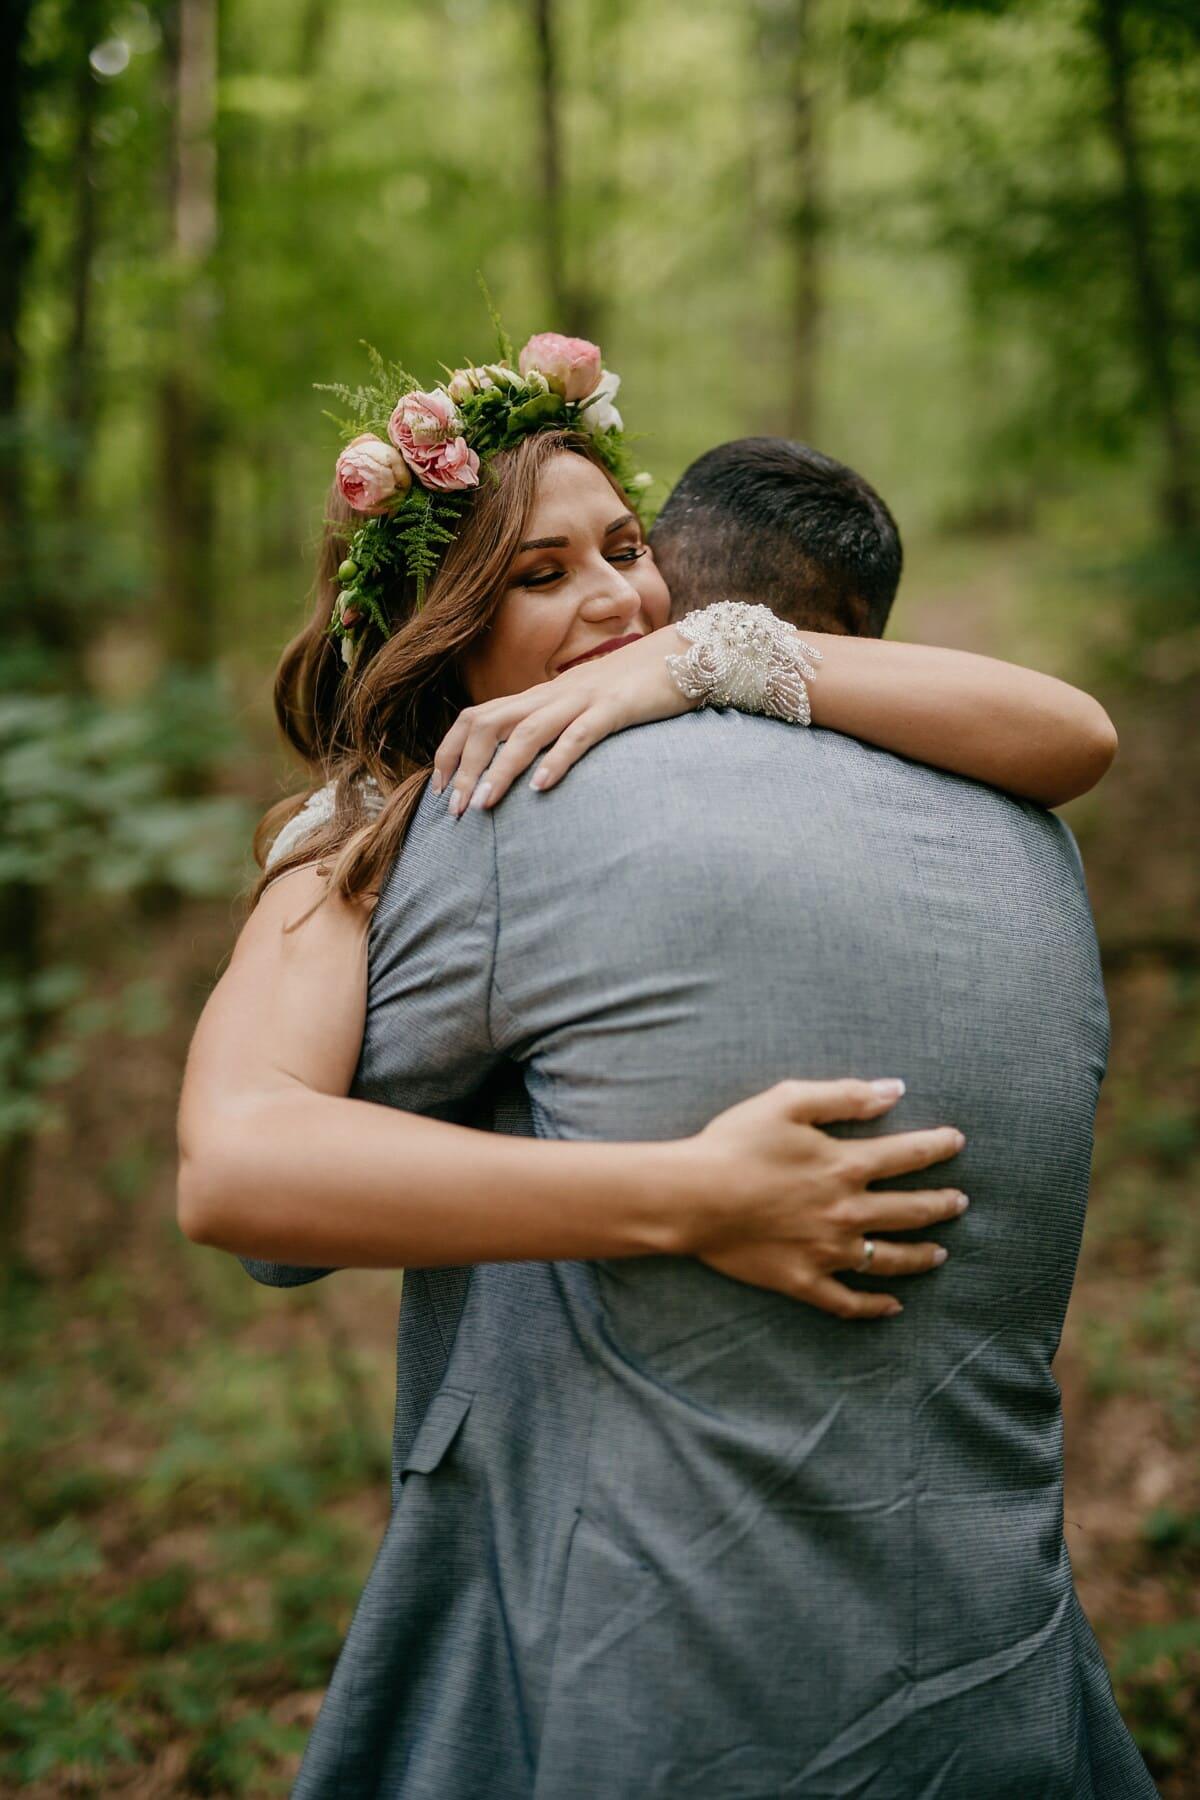 umarmt, junge Frau, Mann, Zärtlichkeit, Zuneigung, Emotion, Umarmung, im freien, Natur, Liebe